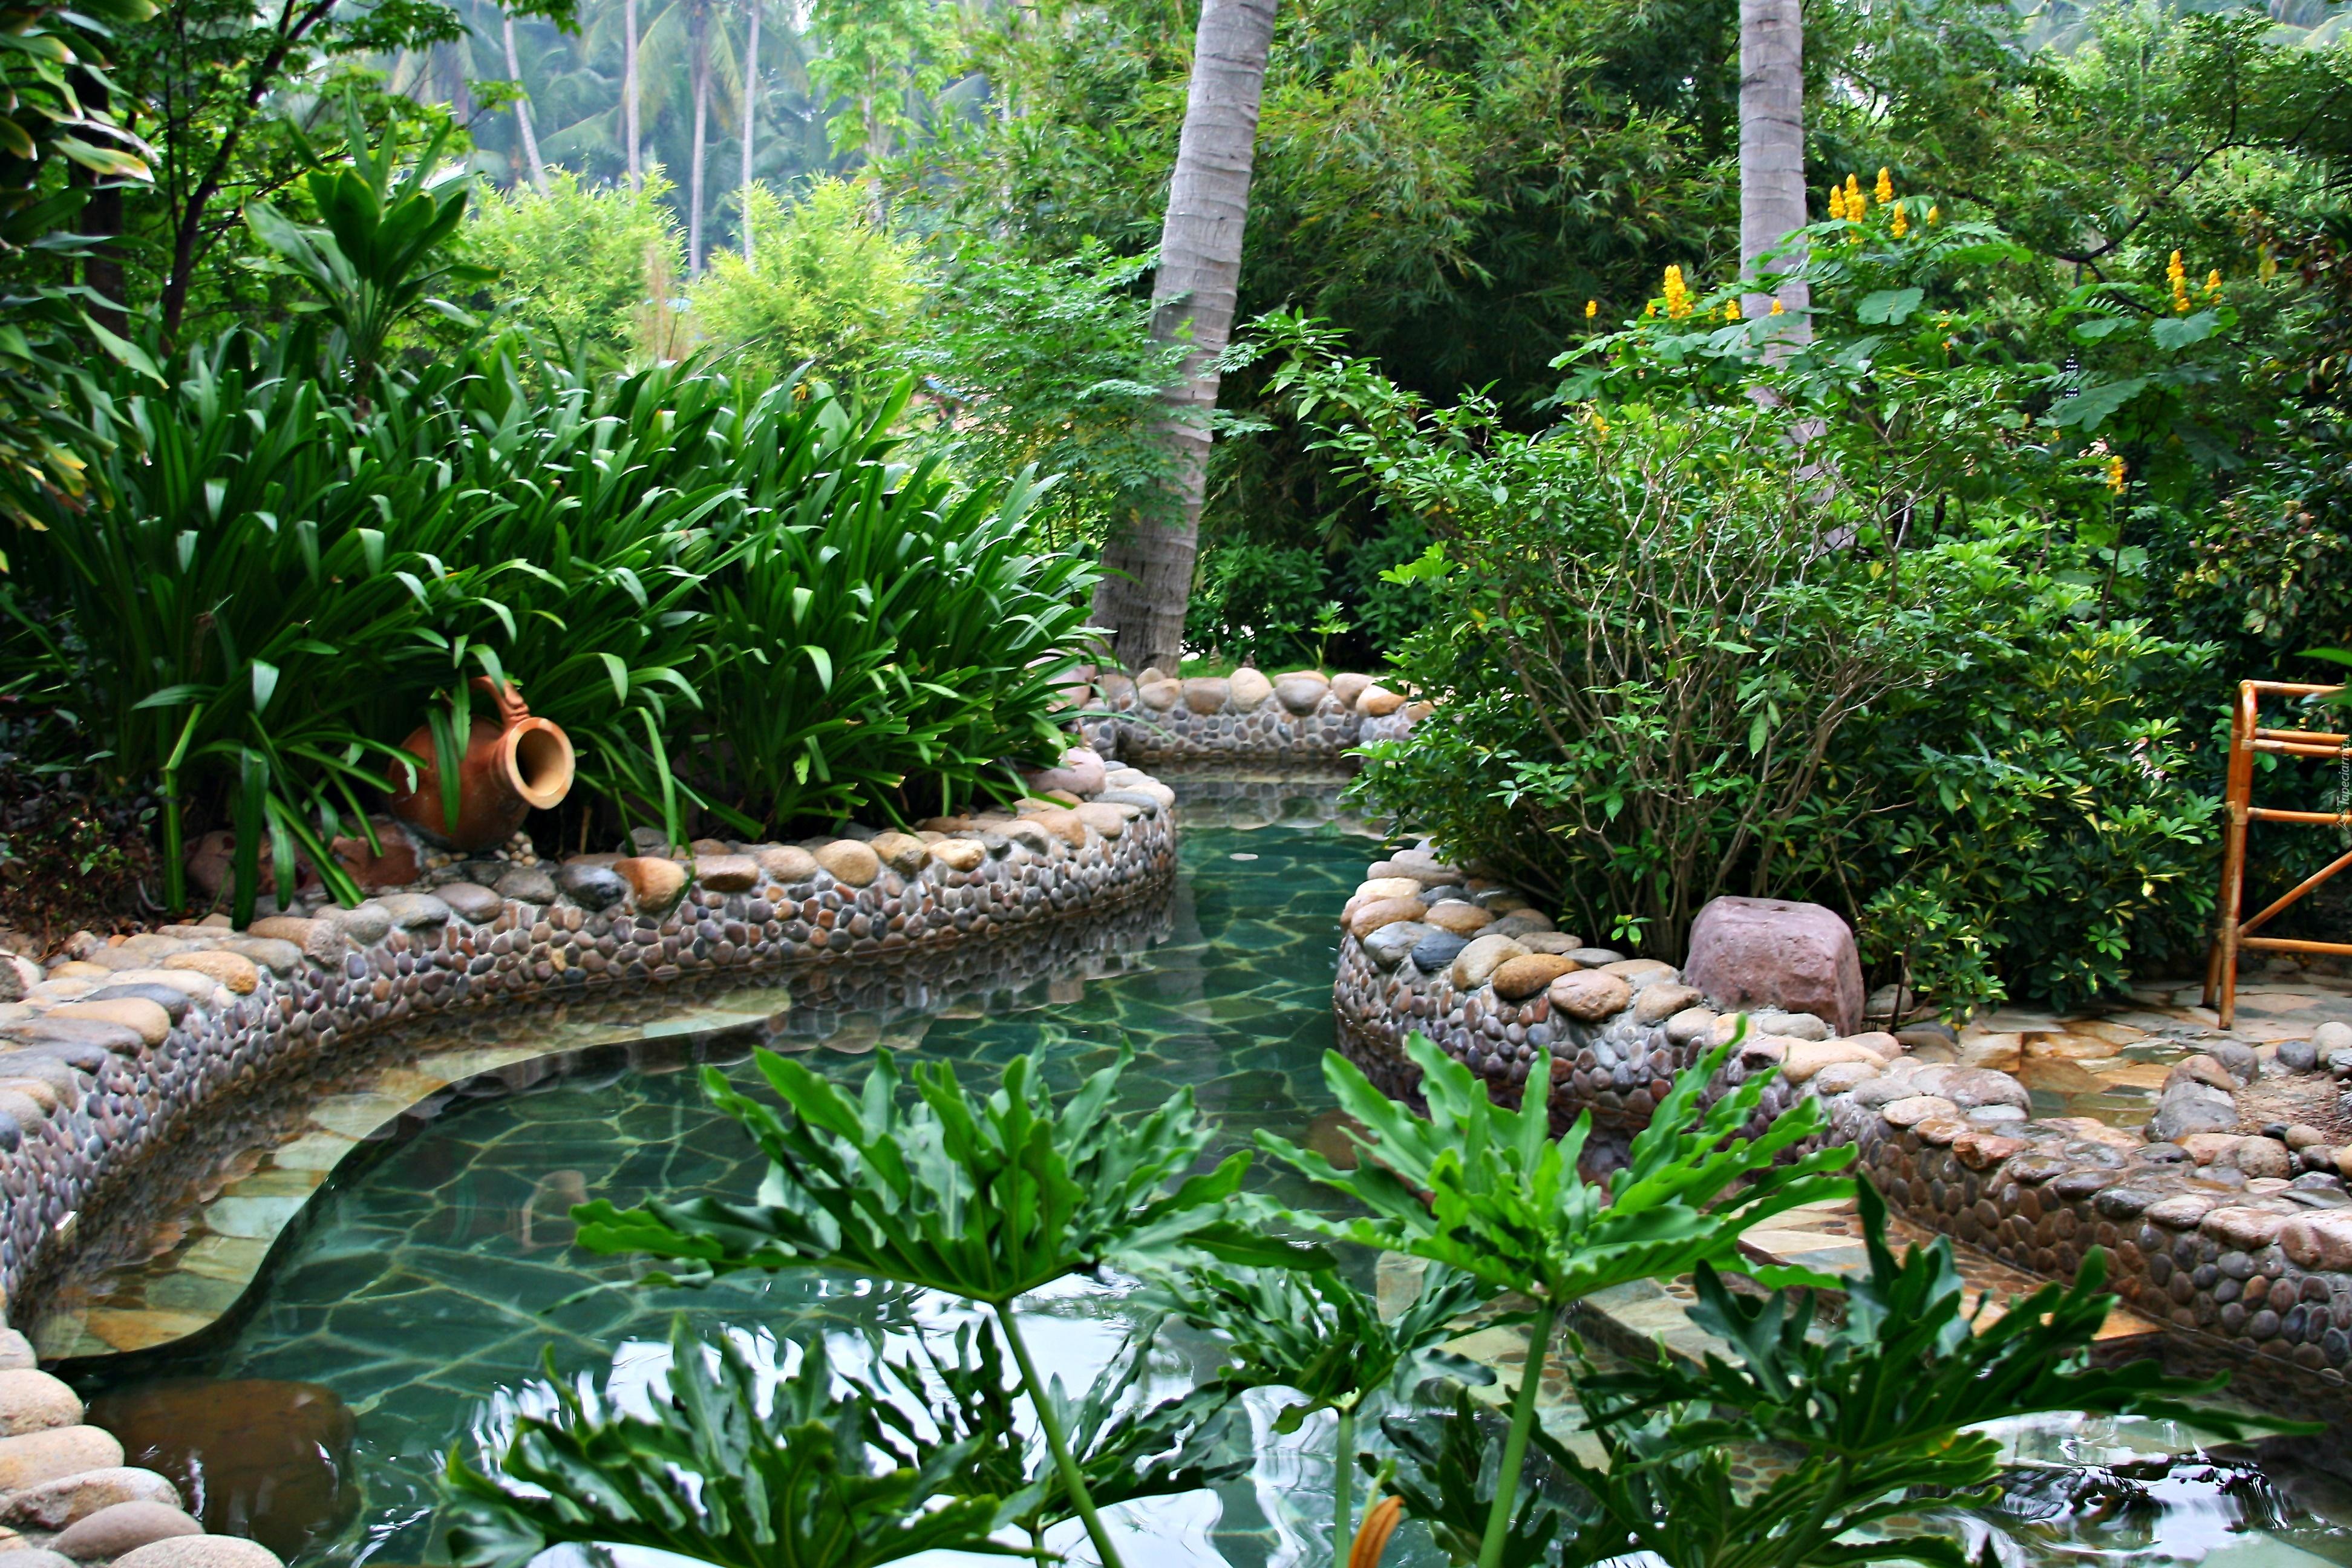 Ogród, Wodne, Oczko, Krzewy, Kwiaty, Drzewa